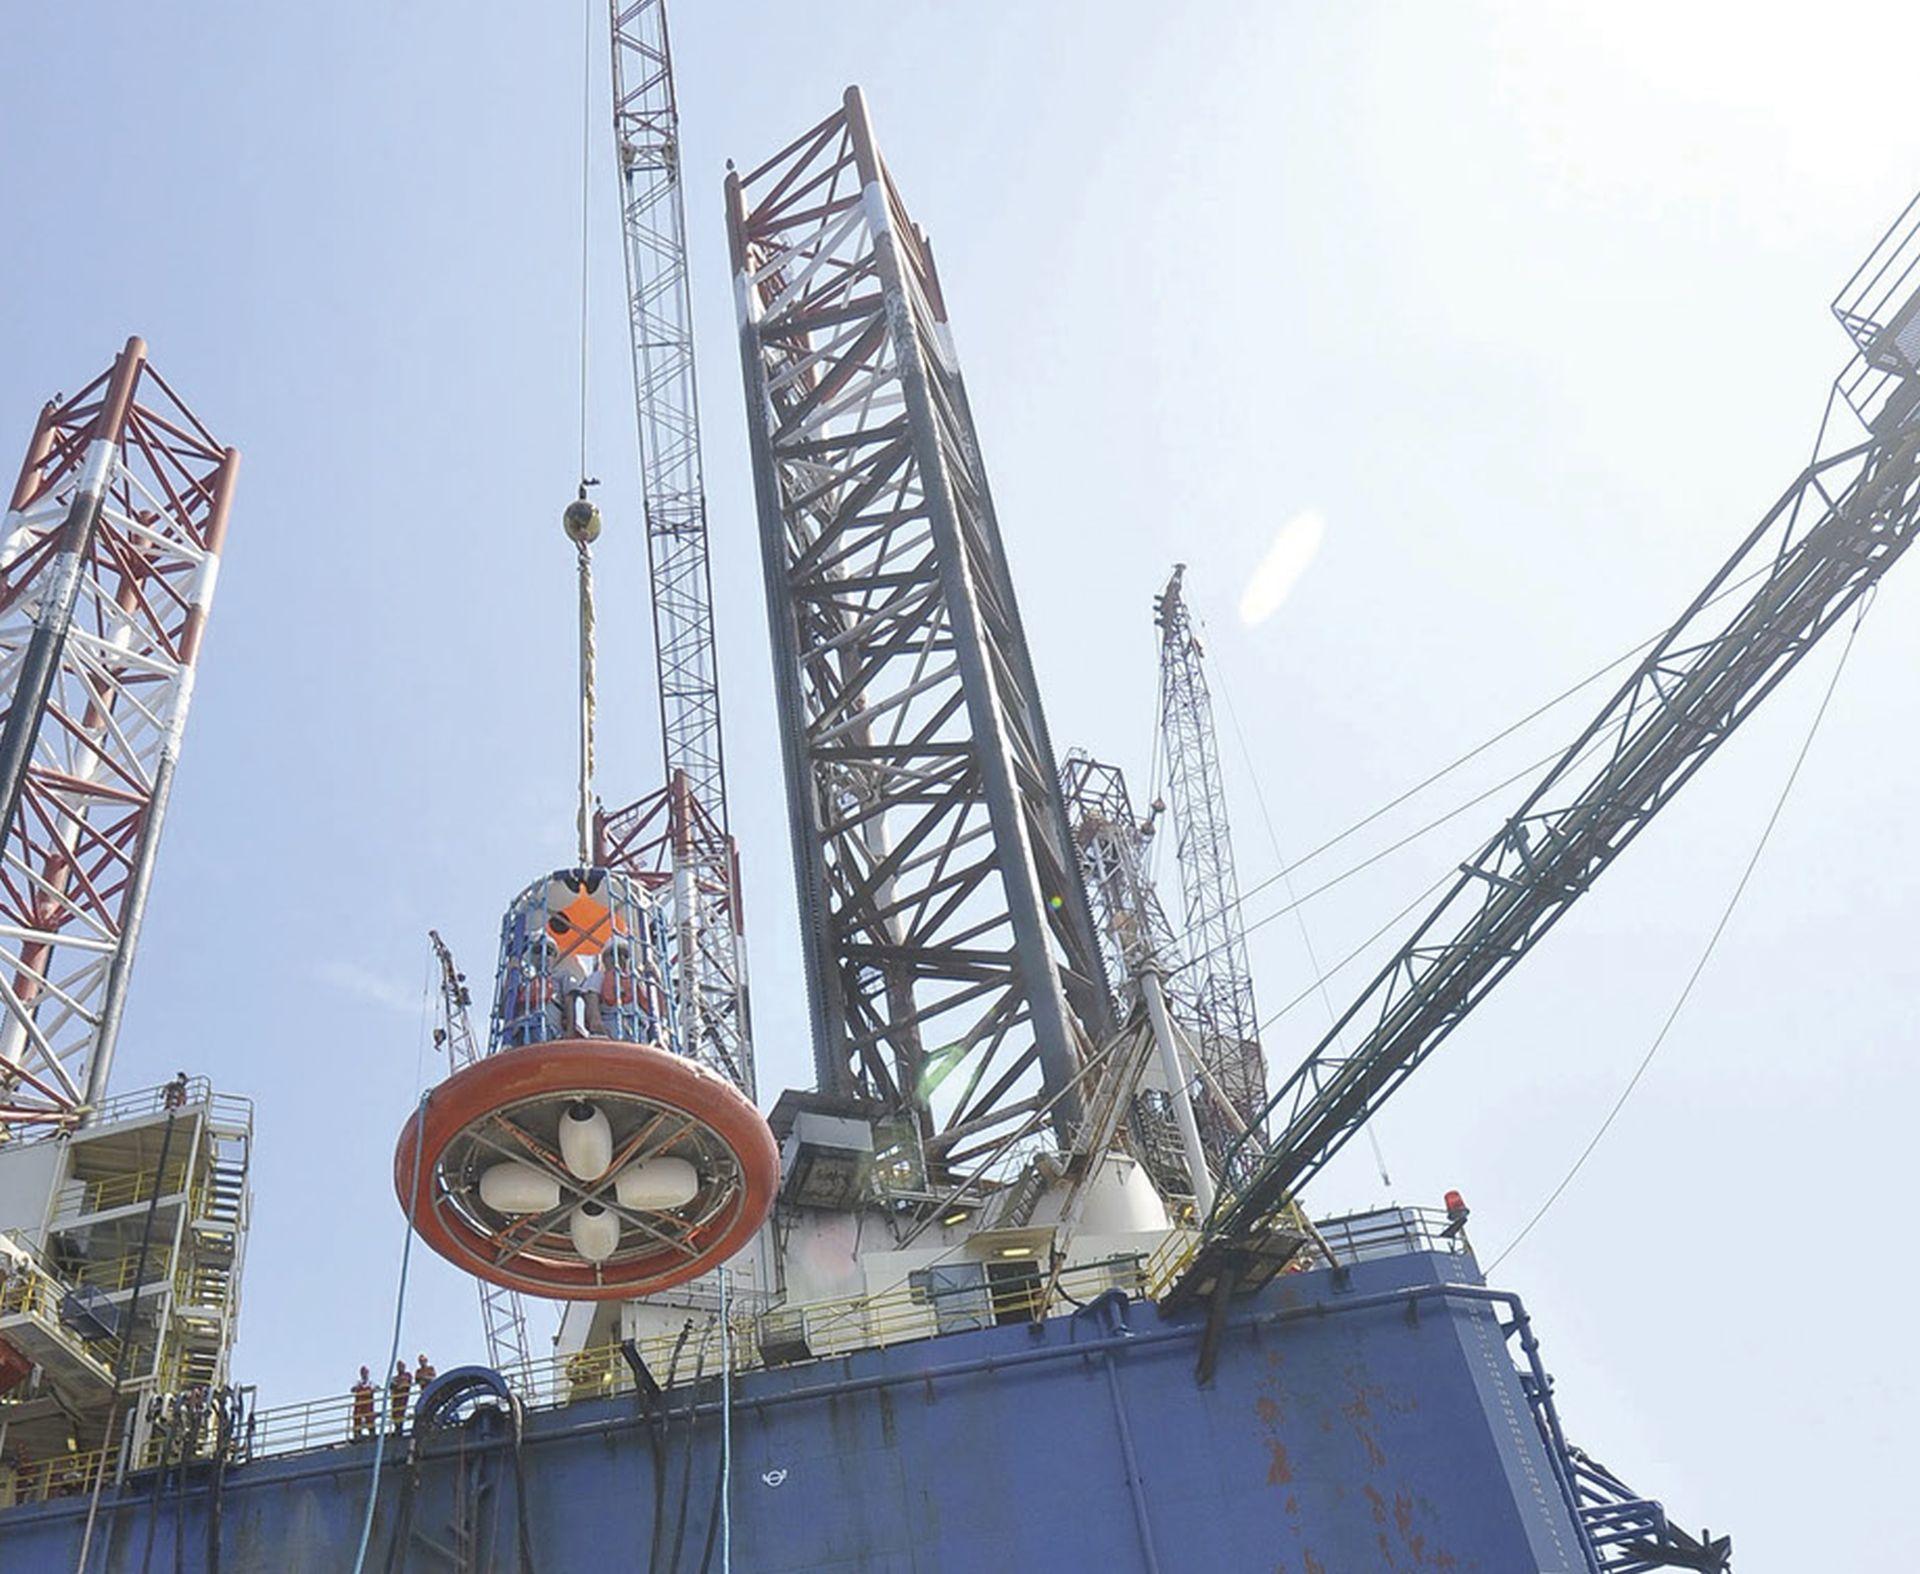 Rast cijena nafte vraća Jadran u fokus svjetskih naftnih kompanija